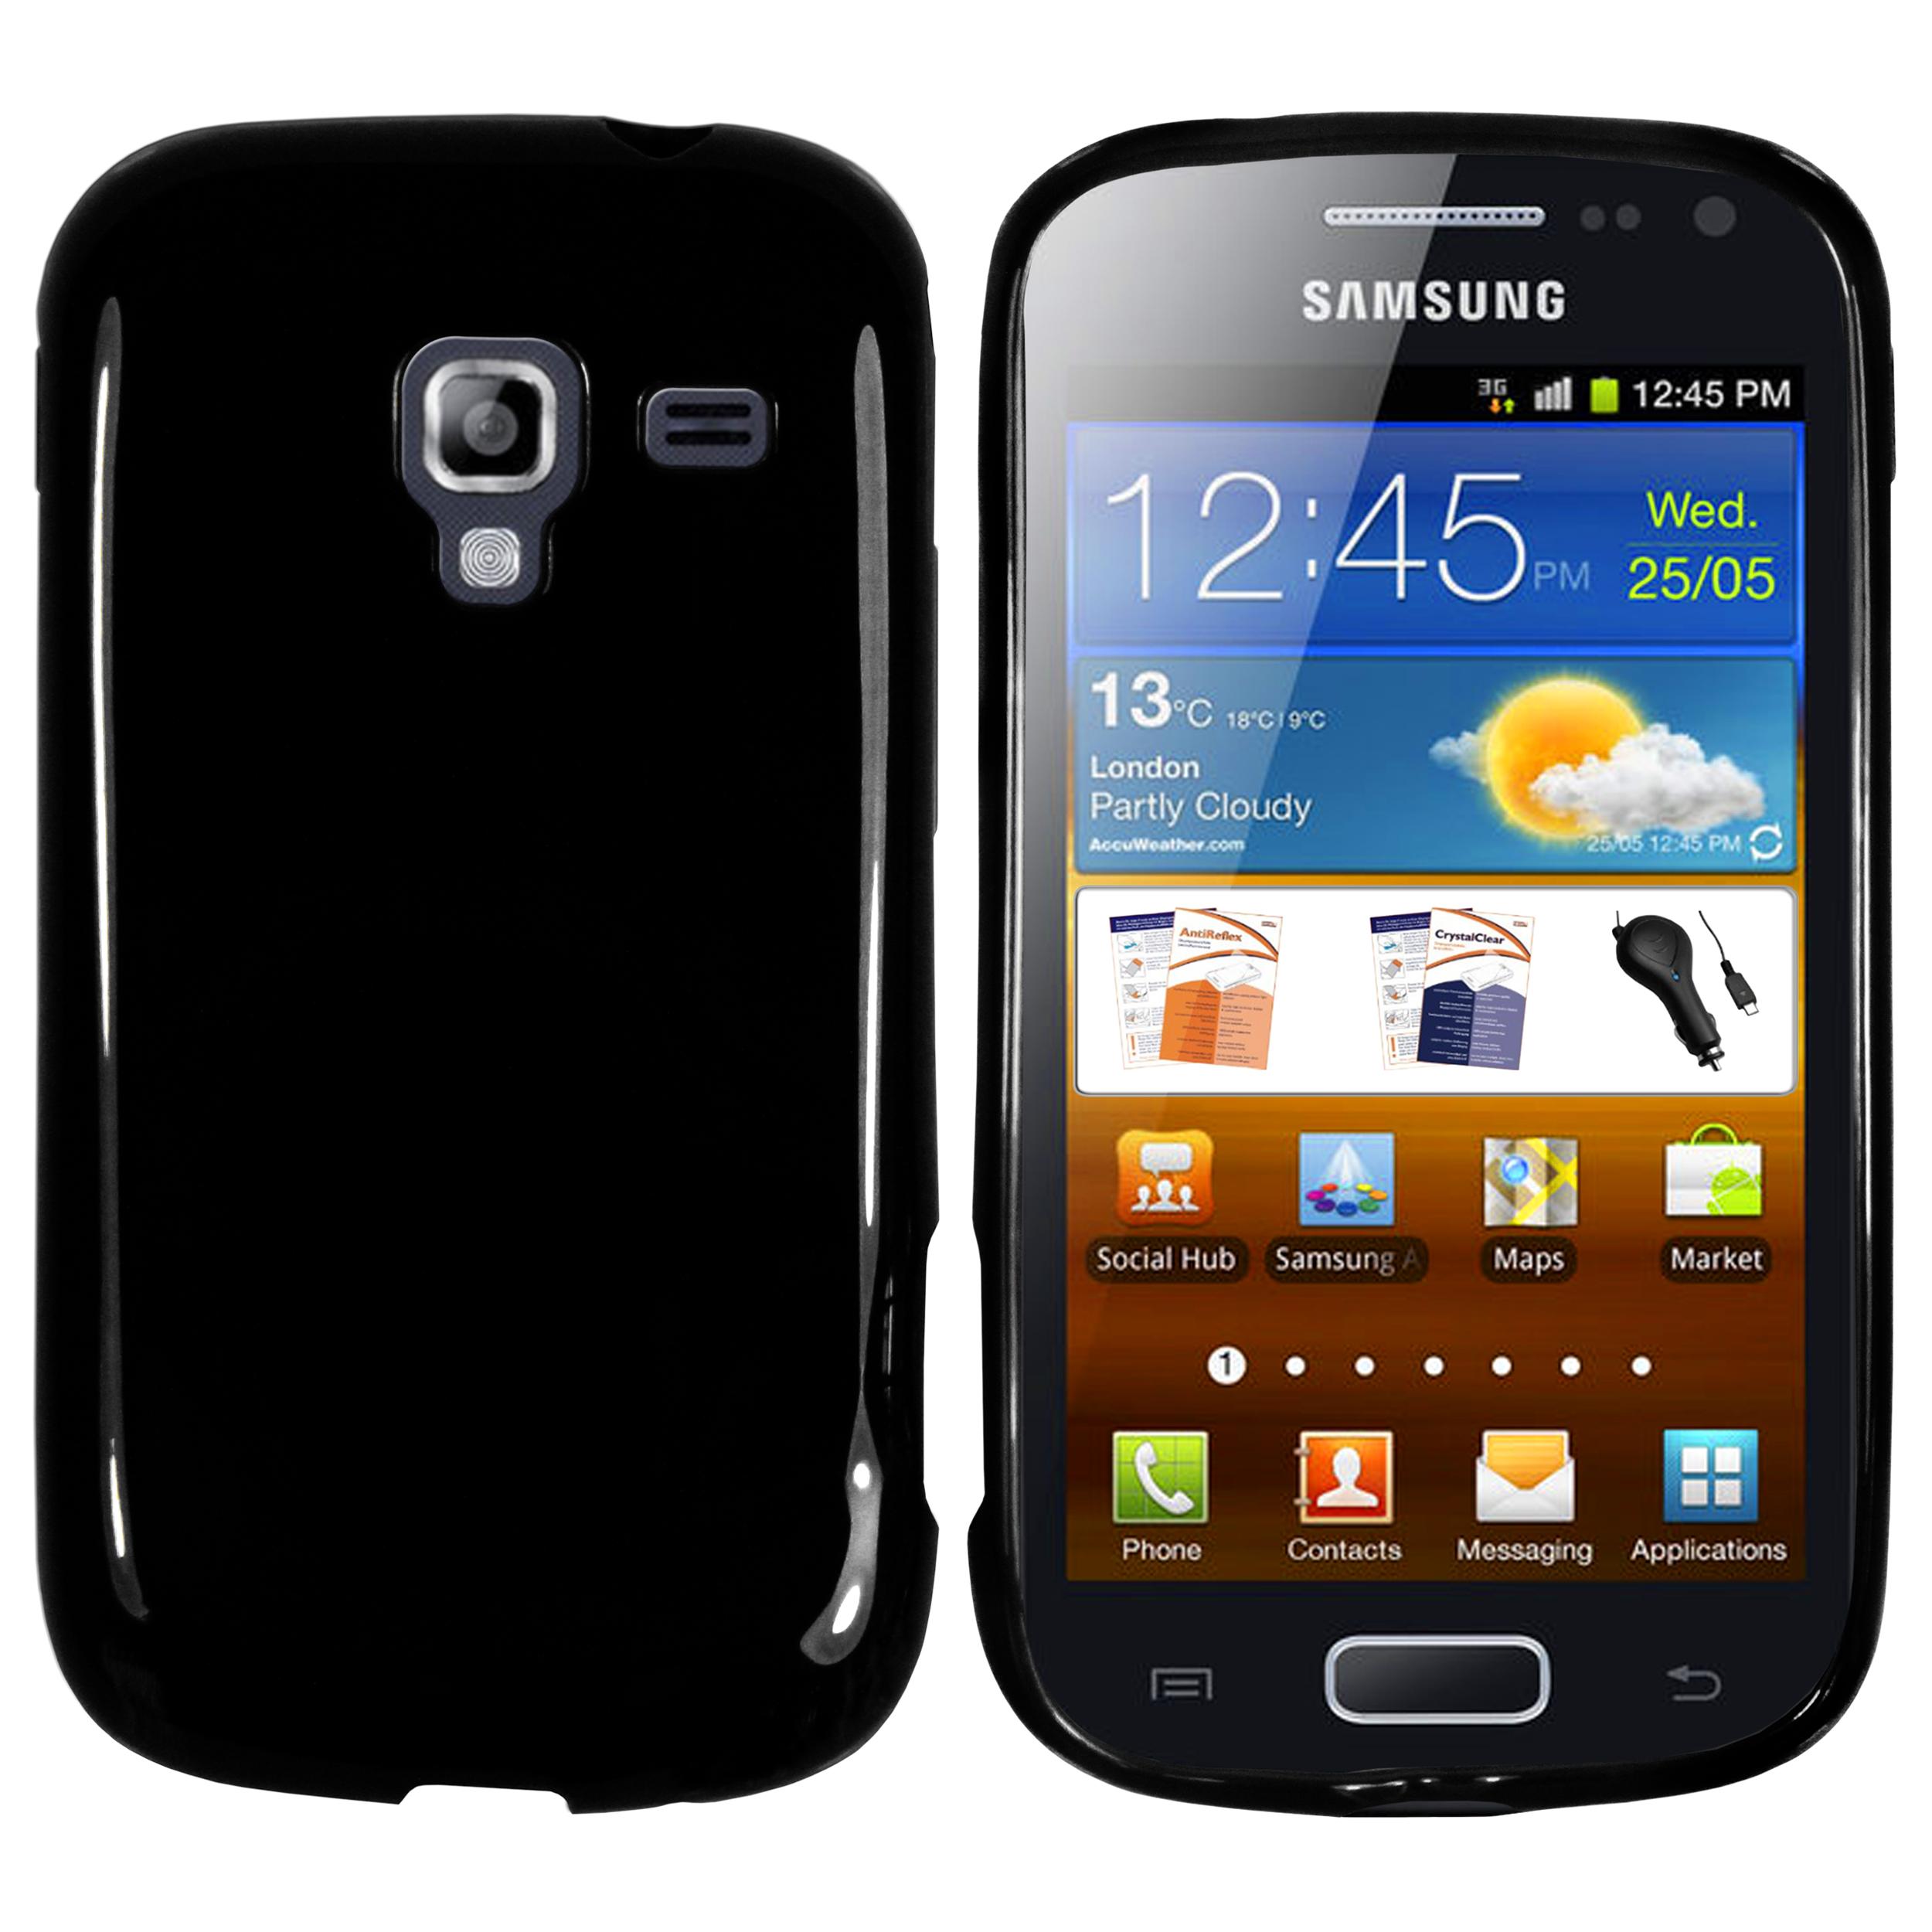 TPU Hülle schwarz für Samsung Galaxy Ace 2 Galaxy Ace Ace 2 Ace 3 Ace 4 Ace Duos Ace Plus Style Samsung weitere Modelle